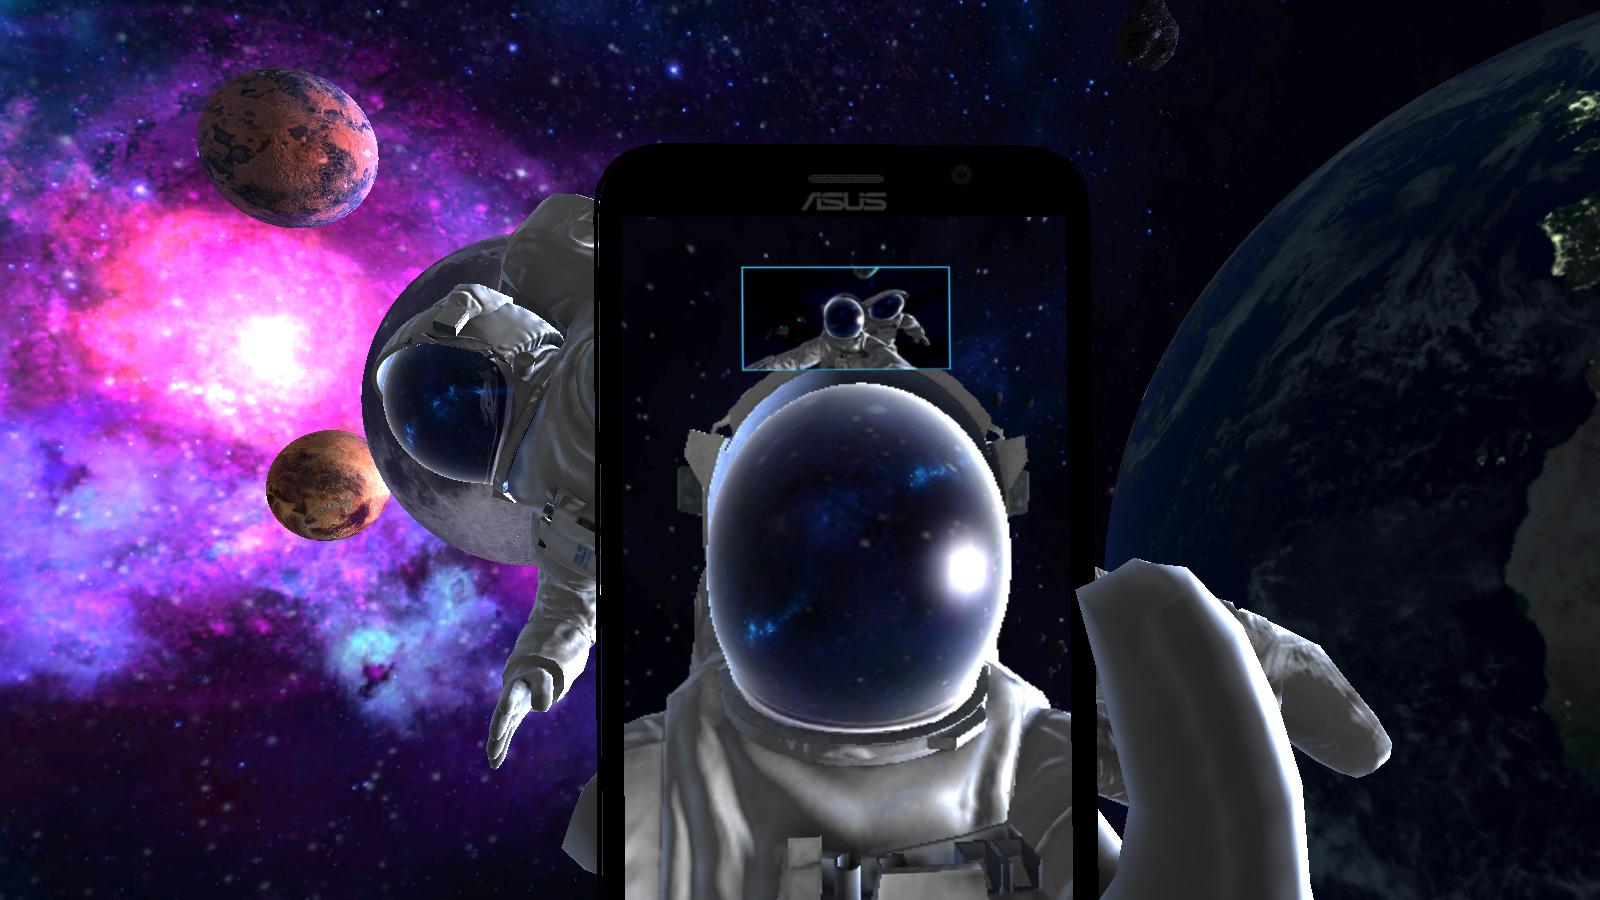 ZenFone VR The Journey Begins4